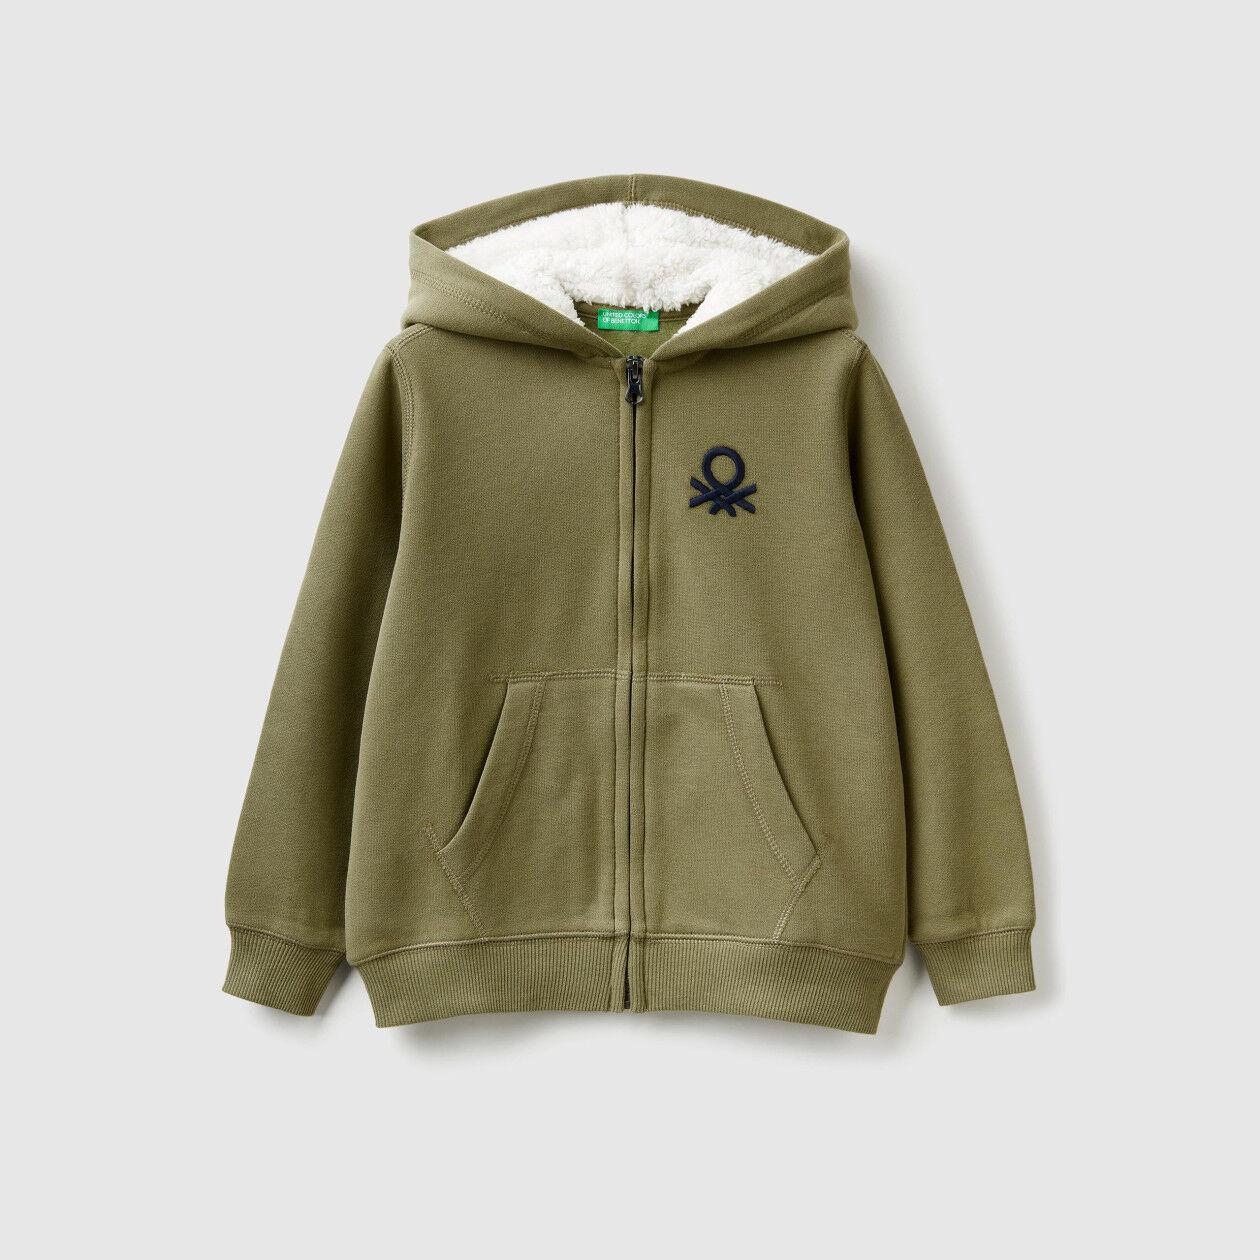 Sweatshirt with lined hood